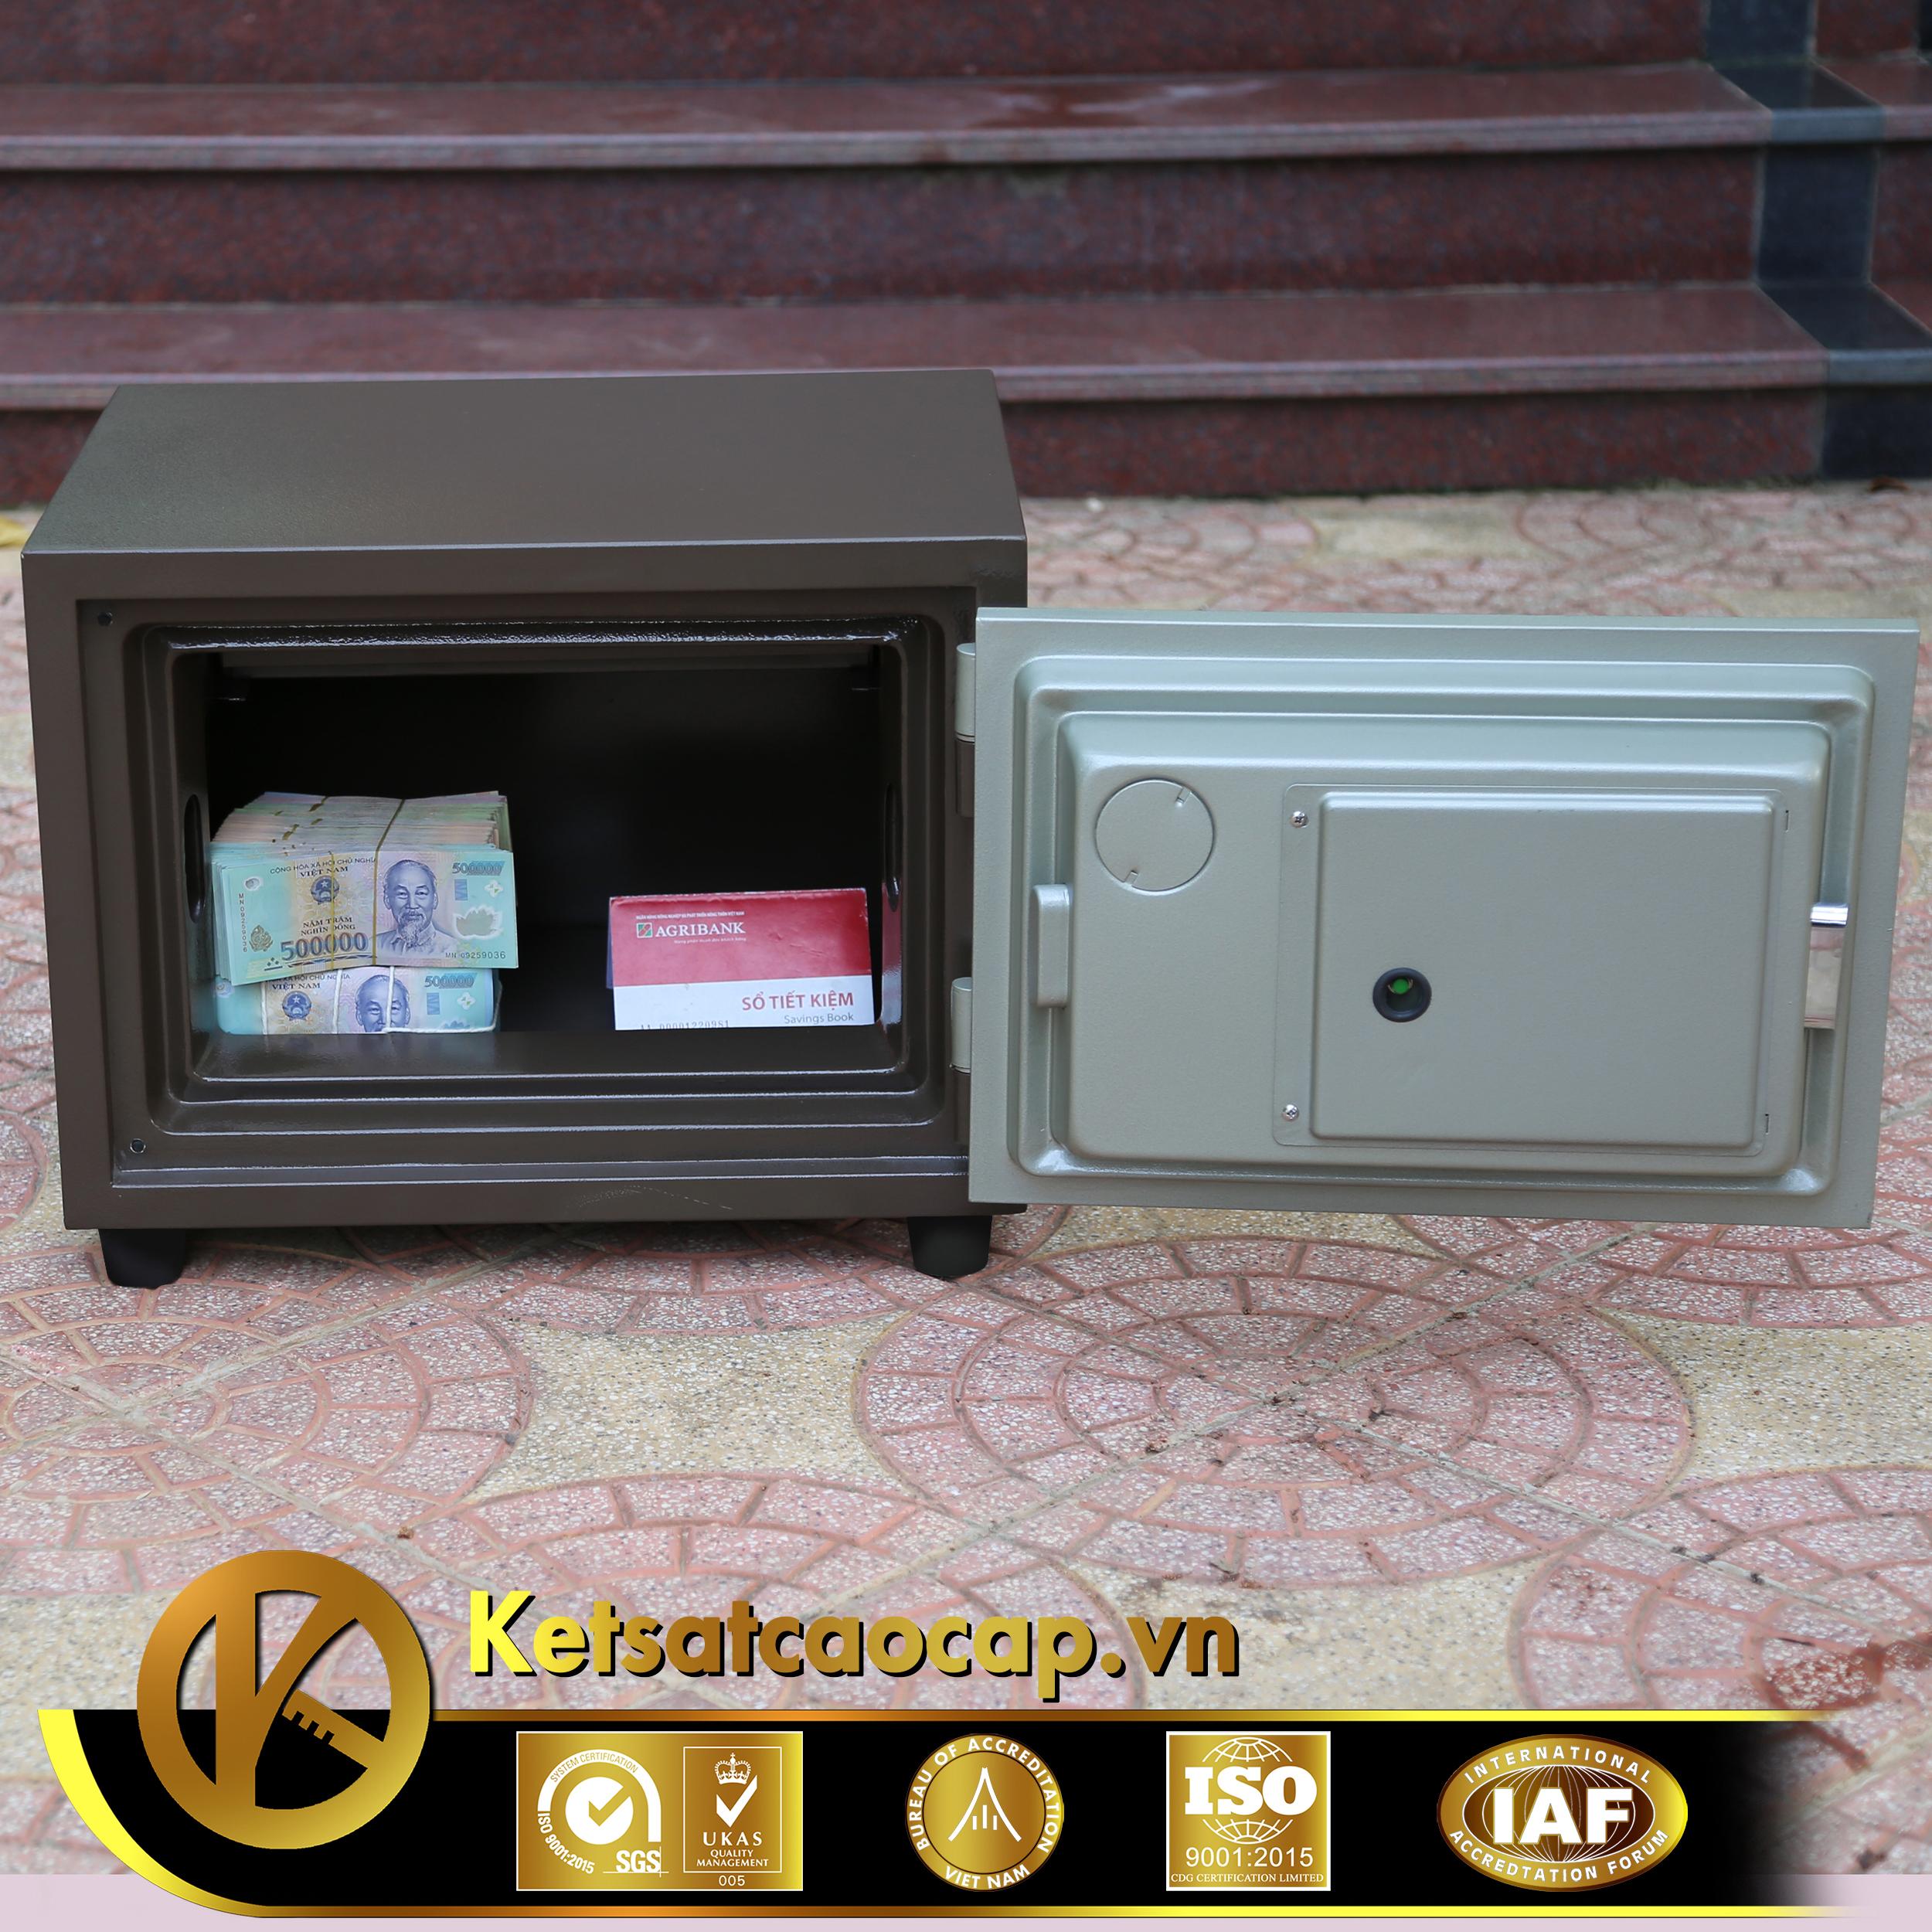 đặc điểm sản phẩm Két sắt văn phòng KS80N Brown - Series E Vietnam